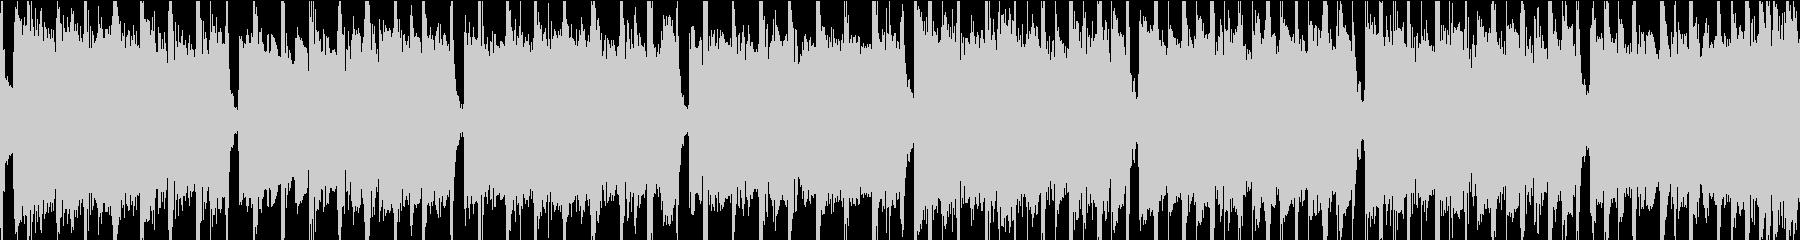 軽快なインディーロックの未再生の波形